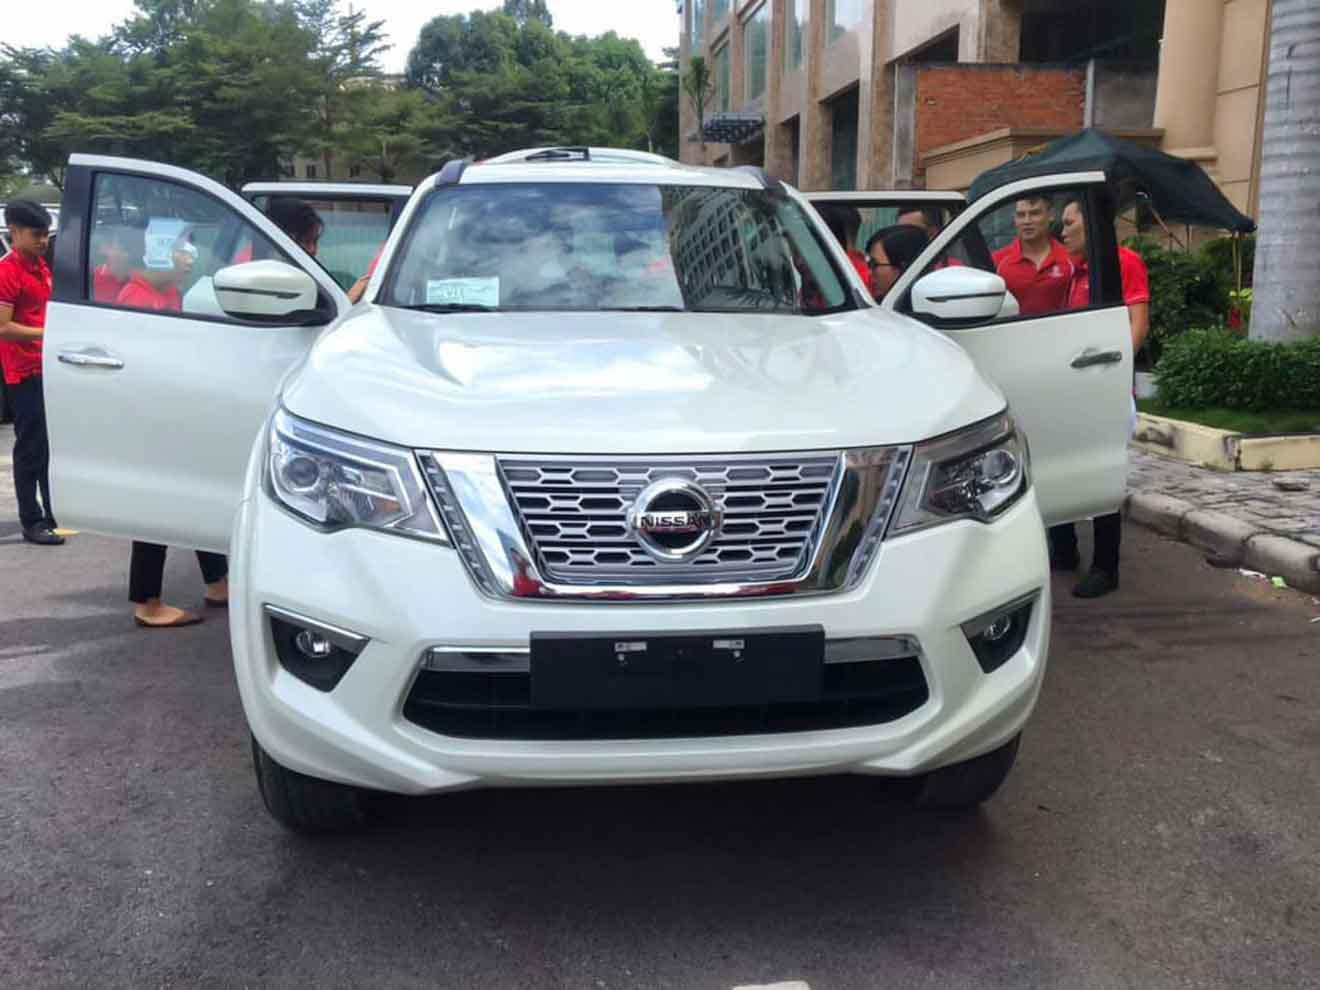 Lộ ảnh thực tế và giá bán Nissan Terra tại Việt Nam - 1